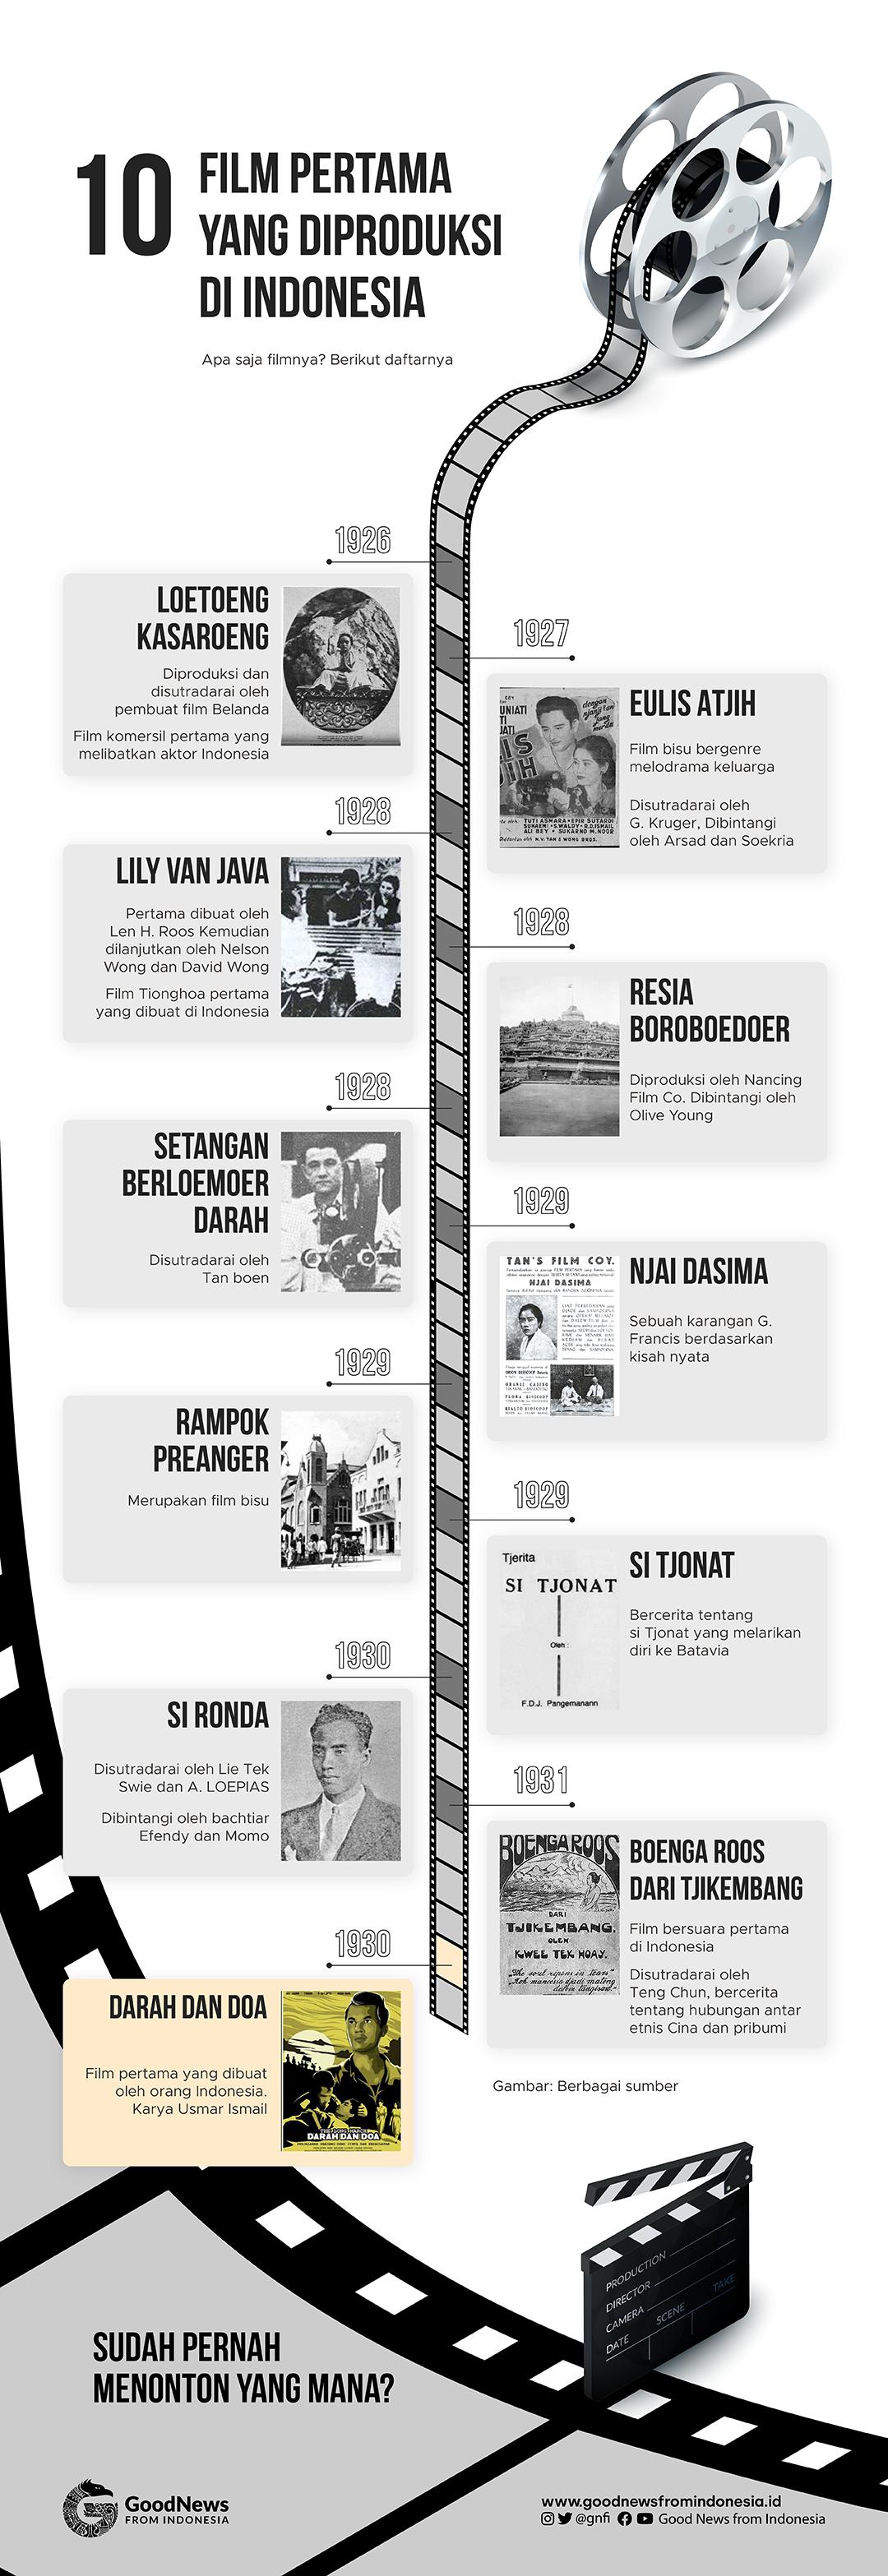 10 Film Pertama yang Diproduksi di Indonesia